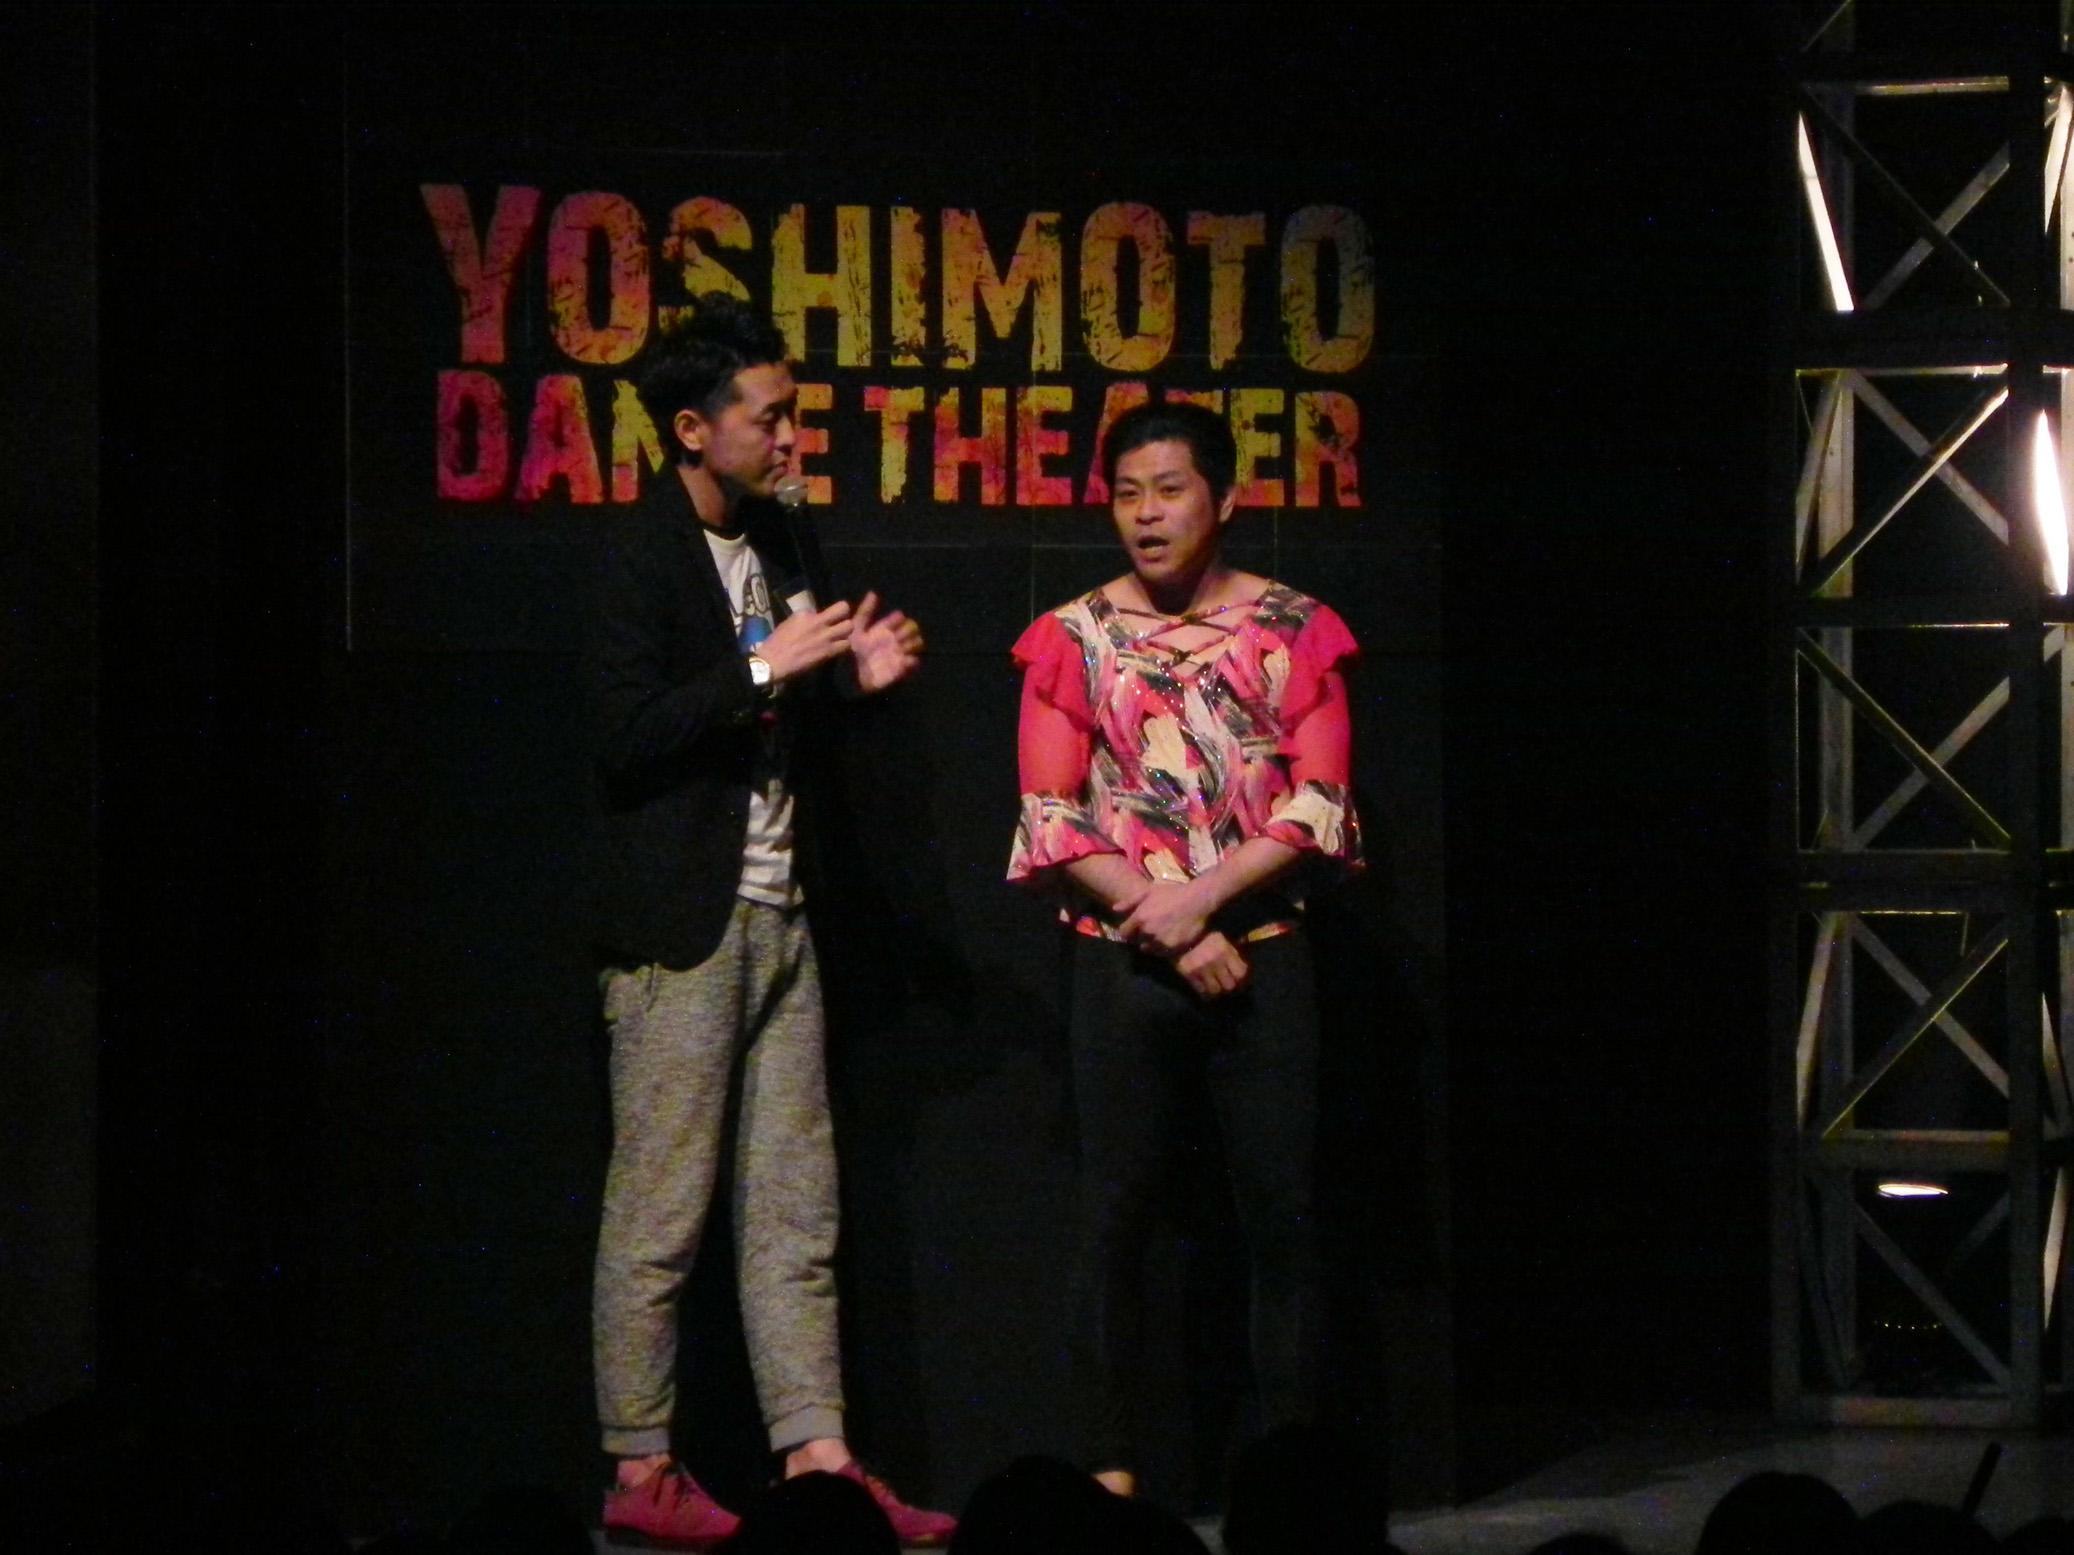 http://news.yoshimoto.co.jp/20170507154944-19d9efb21d22c9dae65c95a277ef6527c8d45875.jpg